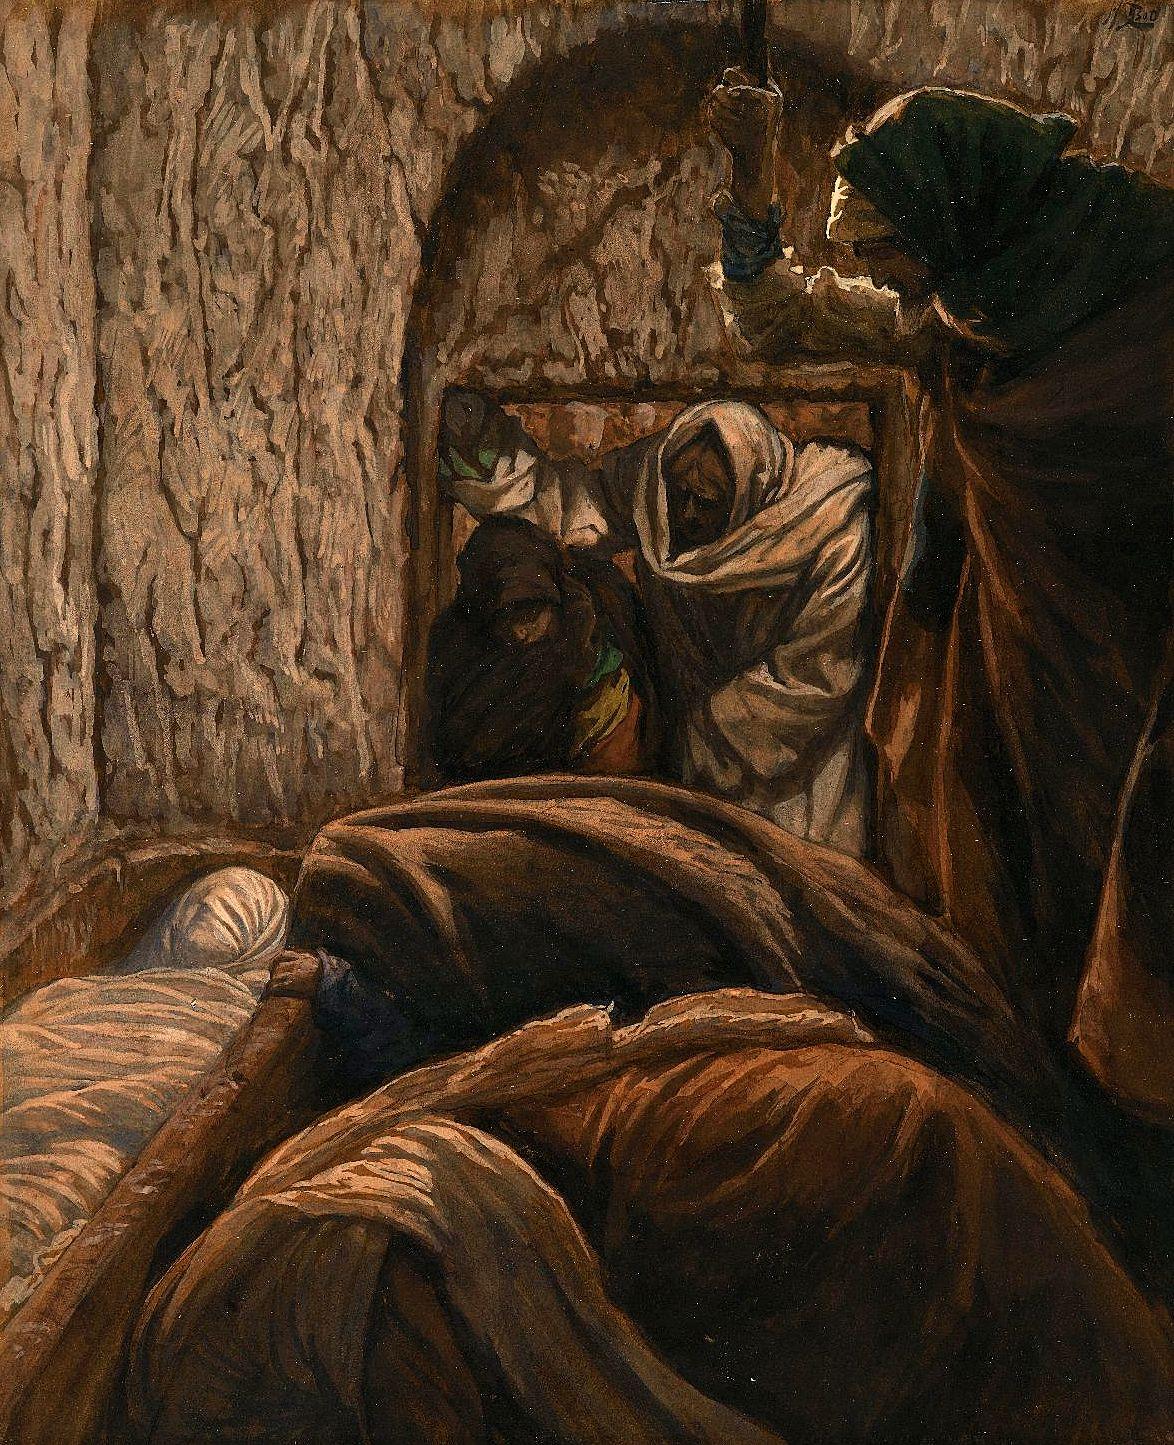 Jésus dans le sépulcre (Jesus in the Sepulchre).